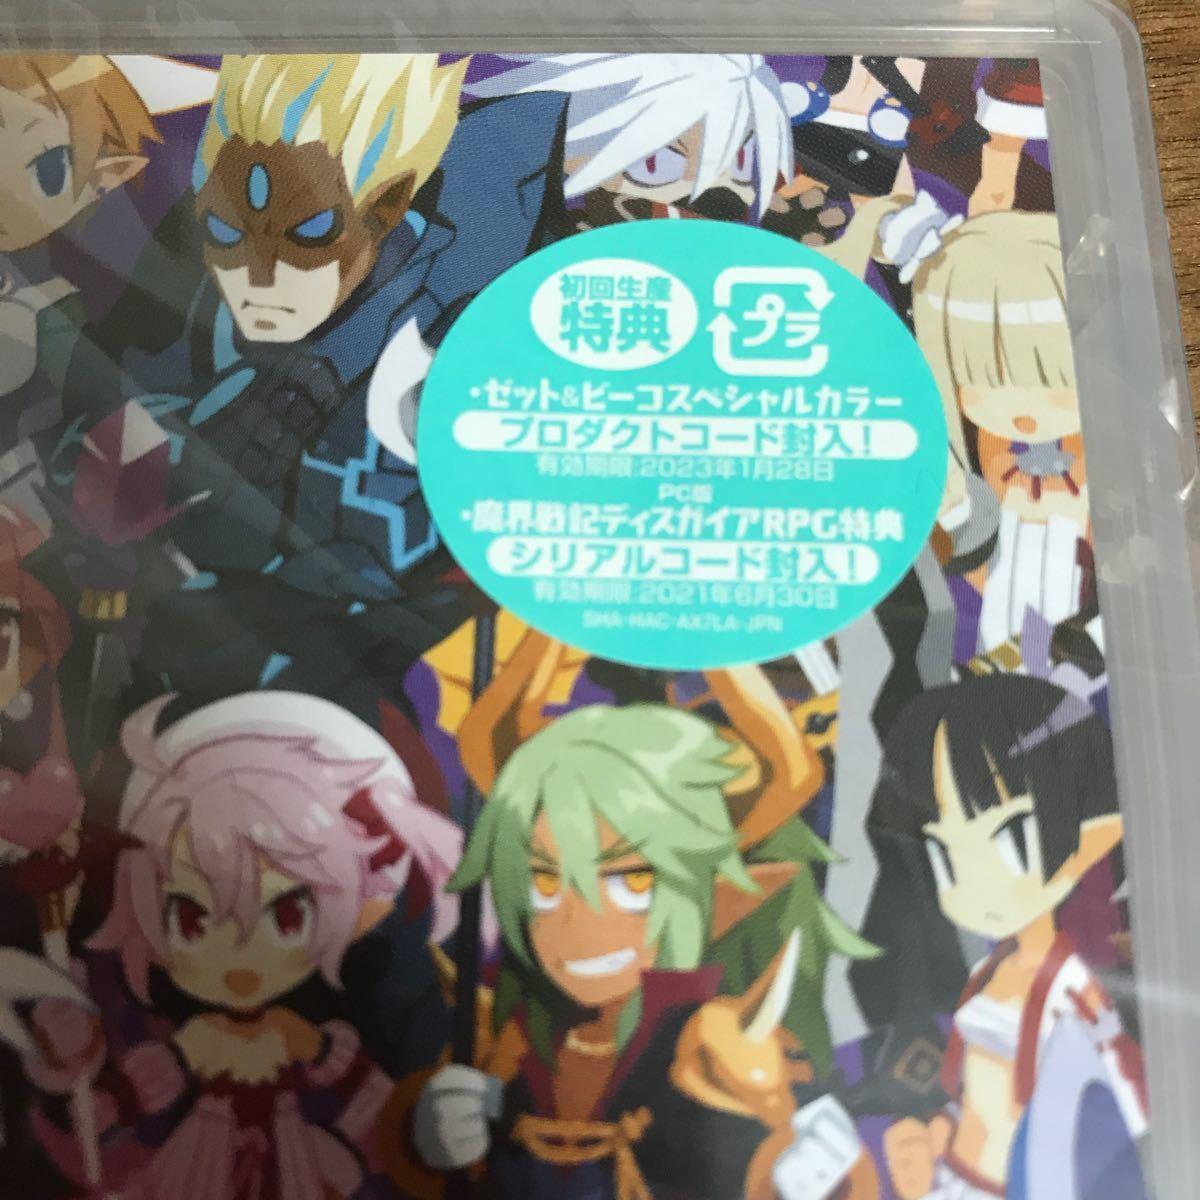 【Switch】 魔界戦記ディスガイア6 [通常版] 初回生産特典付き